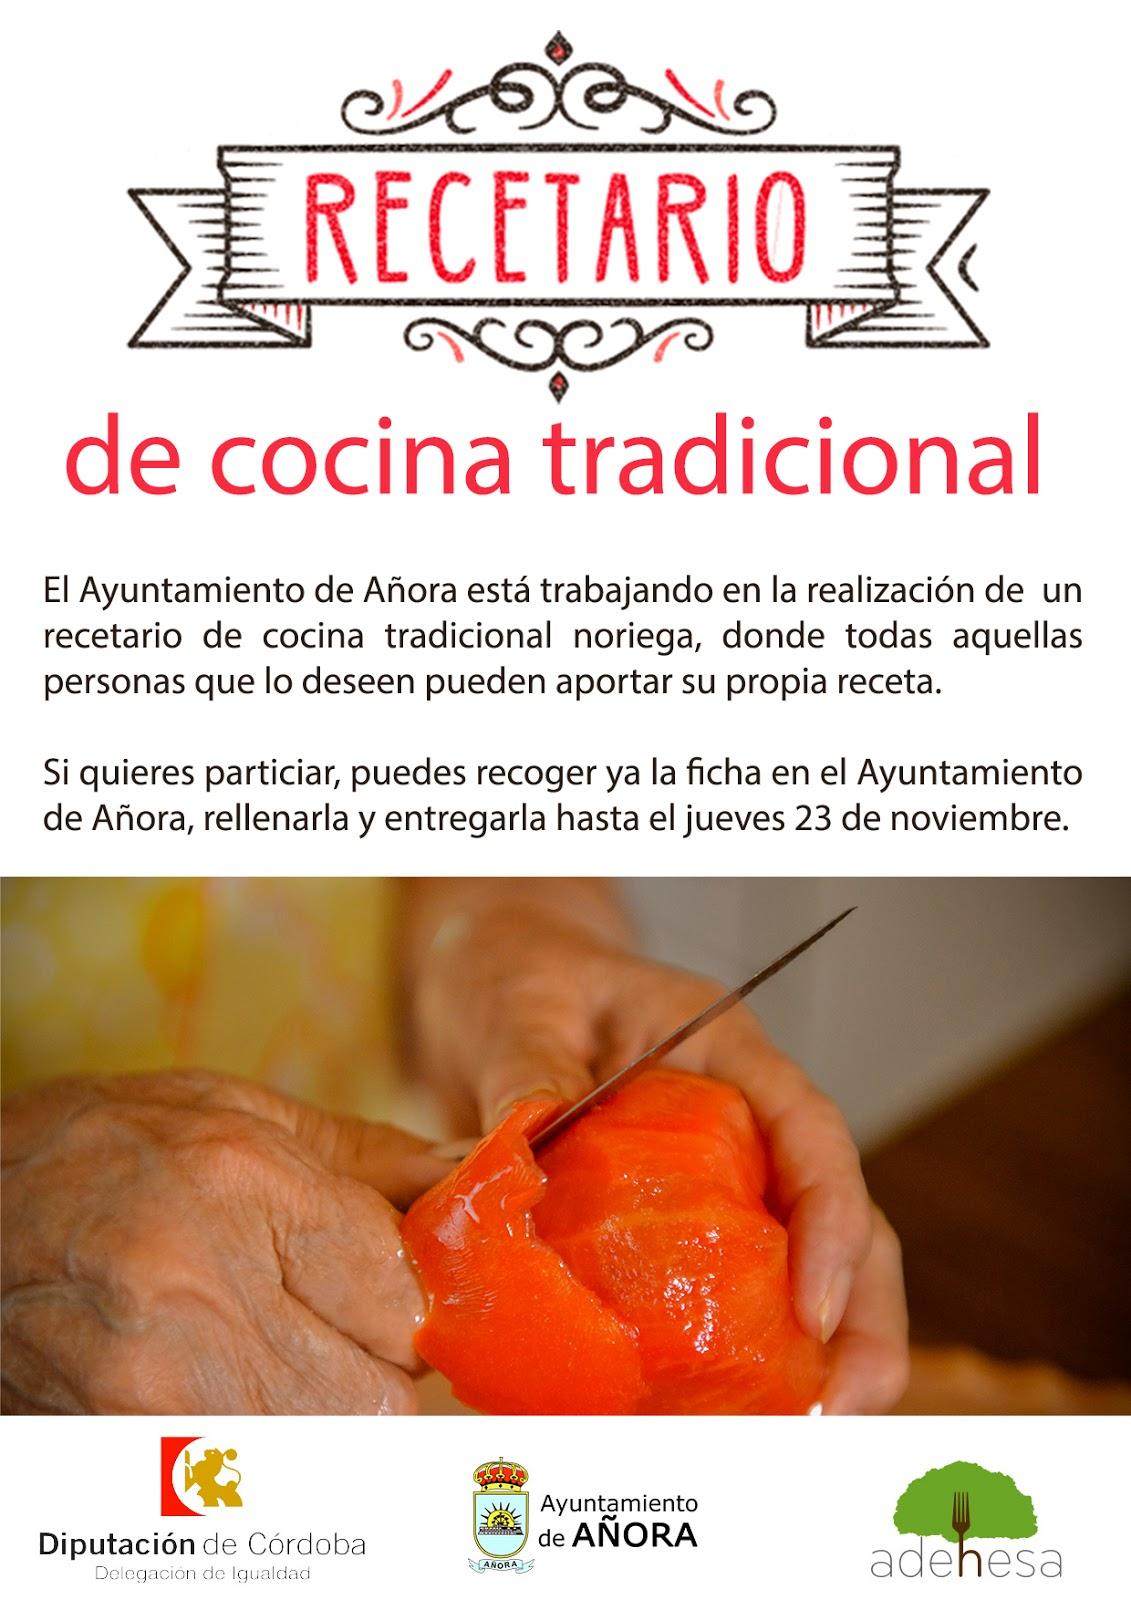 Recetario De Cocina.Añora Directo Elaboración De Un Recetario De Cocina Tradicional